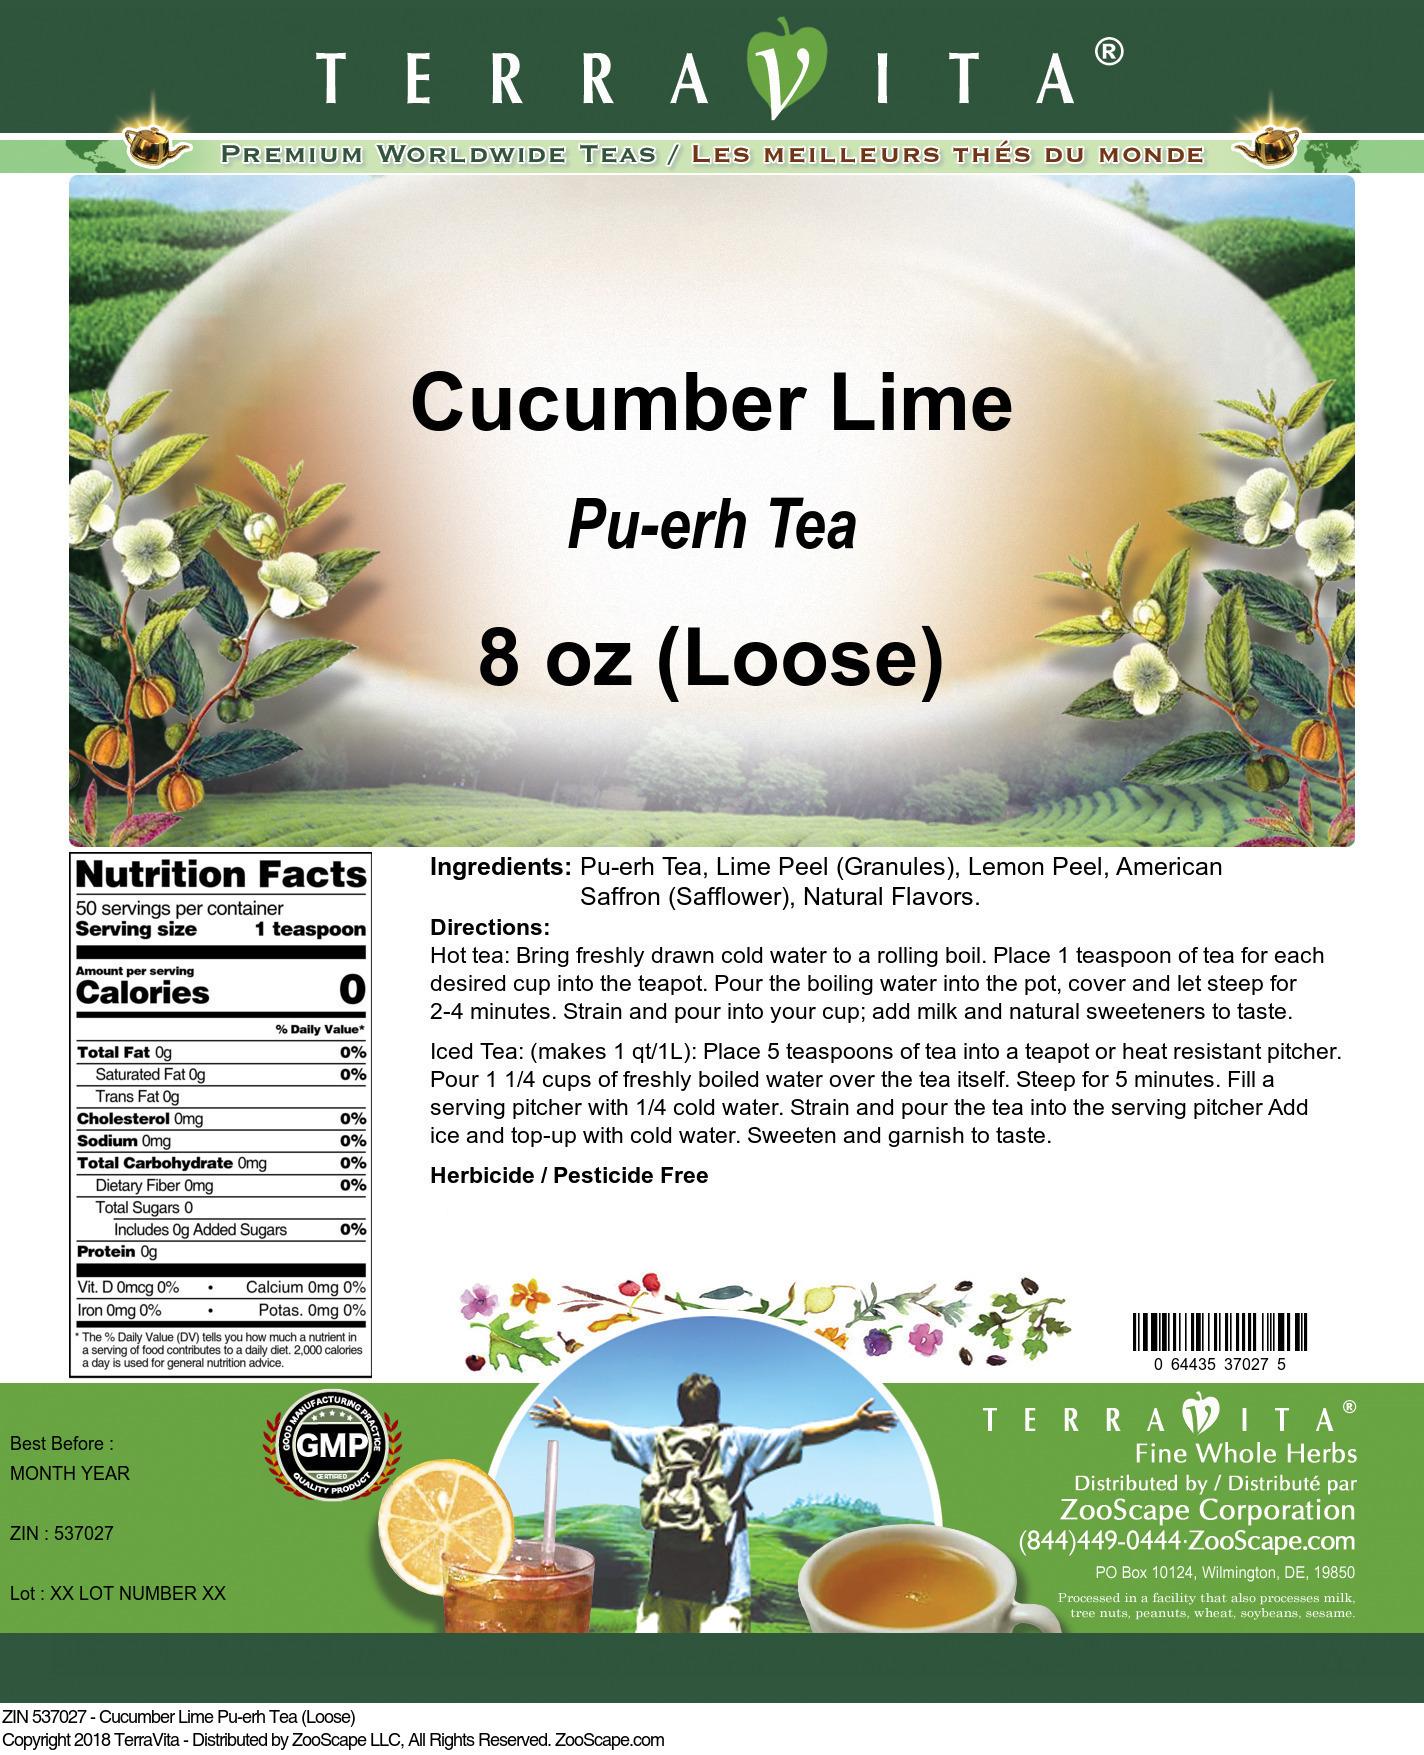 Cucumber Lime Pu-erh Tea (Loose)